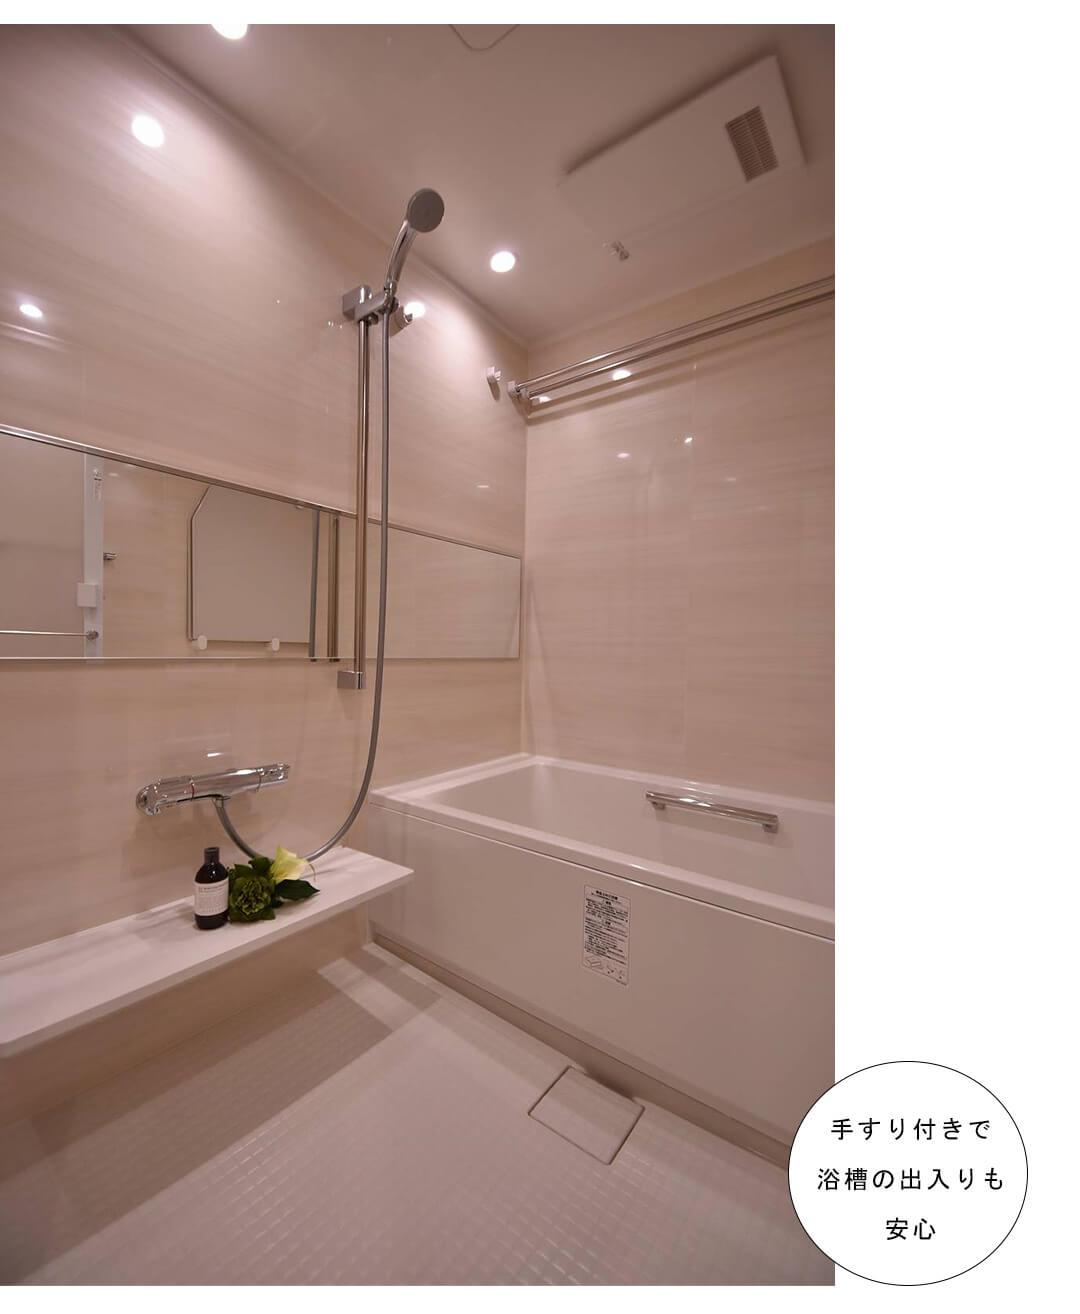 ラ・プラースウエスト 1105の浴室